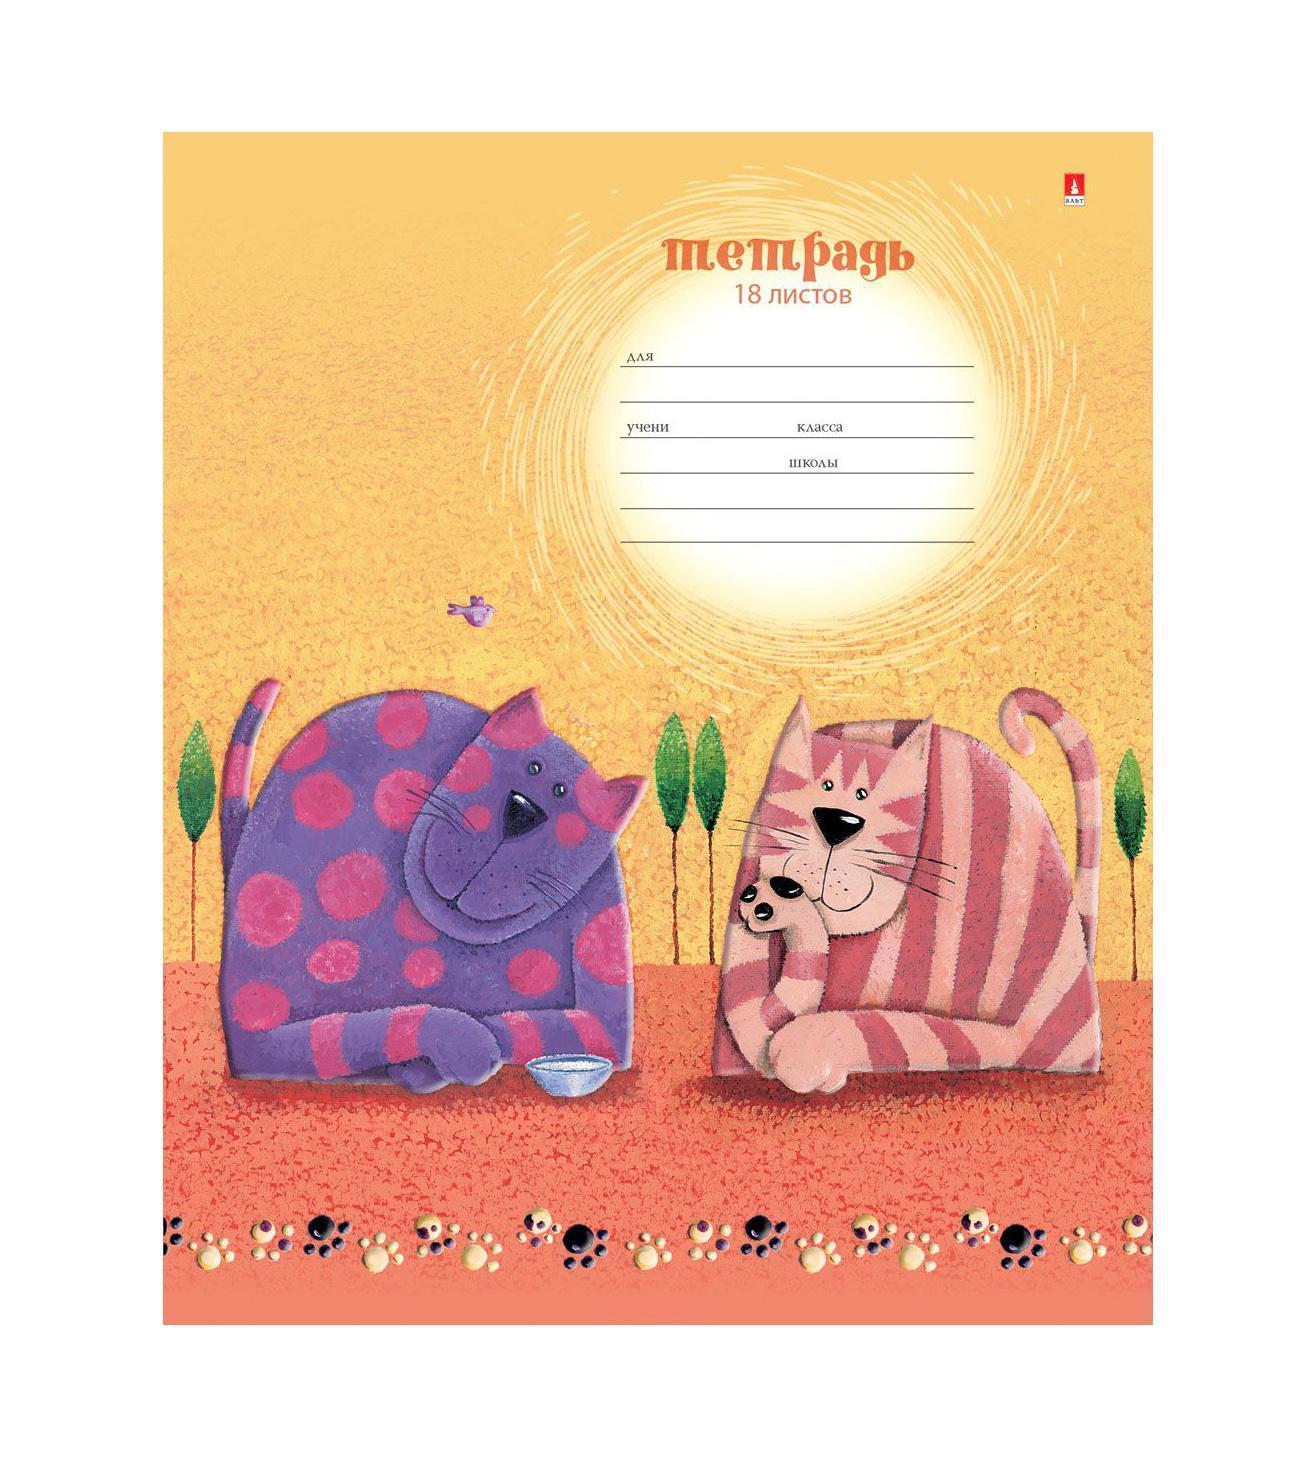 Набор тетрадей Альт Кошки, 18 листов, 10 шт35197Серия дизайнерских тетрадей Альт Кошки - это качественная, красочно оформленная бумажная продукция для учащихся начальных классов. Добродушные коты, выполненные в стилистике персонажей рисованных мультфильмов, создадут у младших школьников хорошее настроение, необходимое для успешной учебы. Для создания объемного эффекта рисунок обложки выполнен с помощью рельефного тиснения и подчеркнут прозрачным выборочным лаком. Тетрадь формата А5 состоит из 18 листов. Белая мелованная бумага на основе эвкалиптовой целлюлозы обладает плотностью 65 грамм.